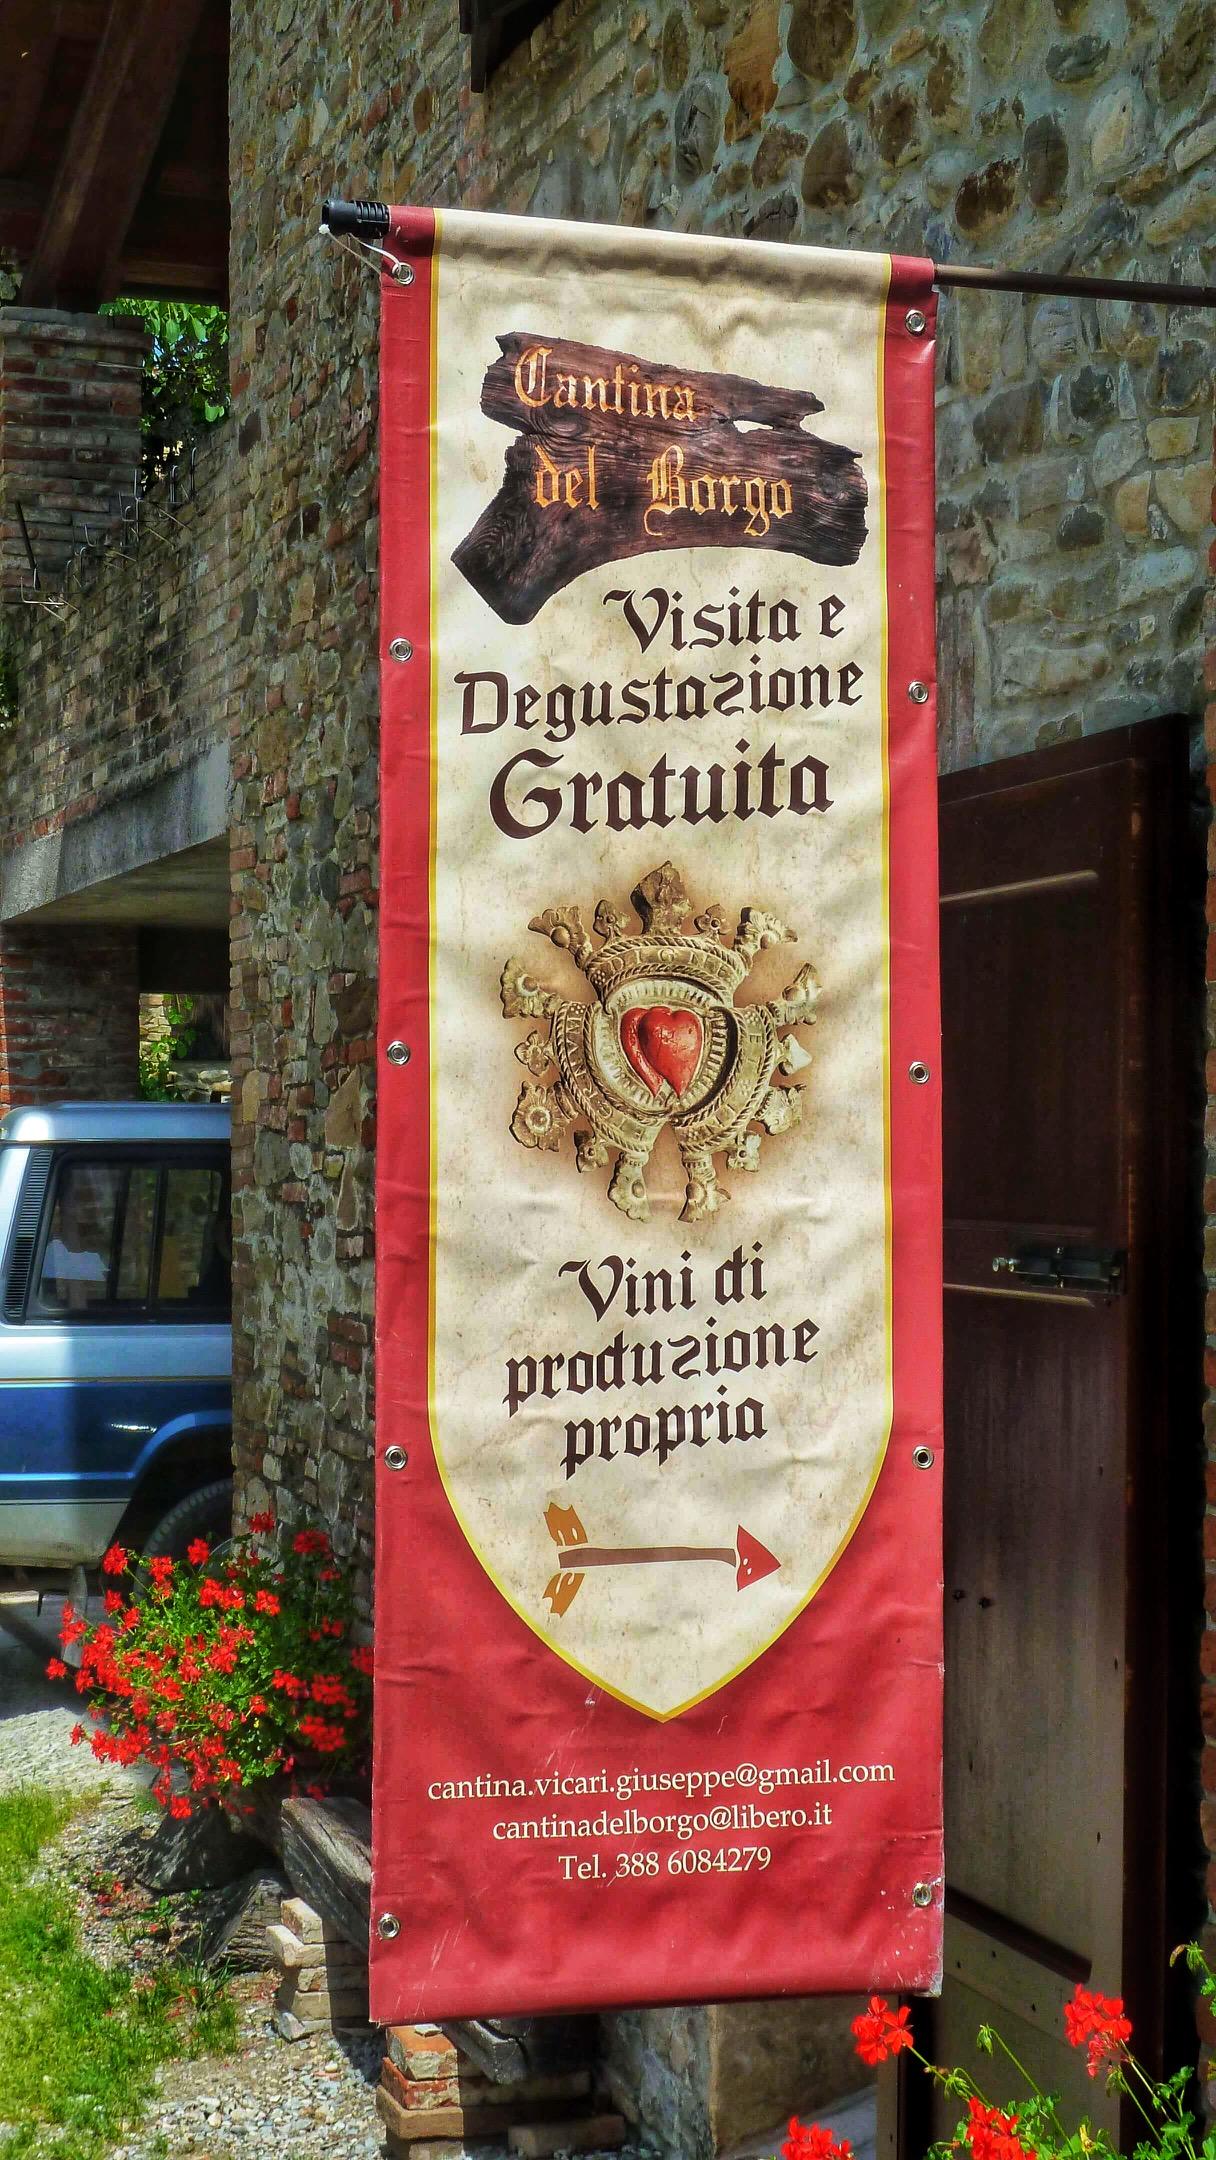 Castello-di-Torrechiara-Langhirano-Parma